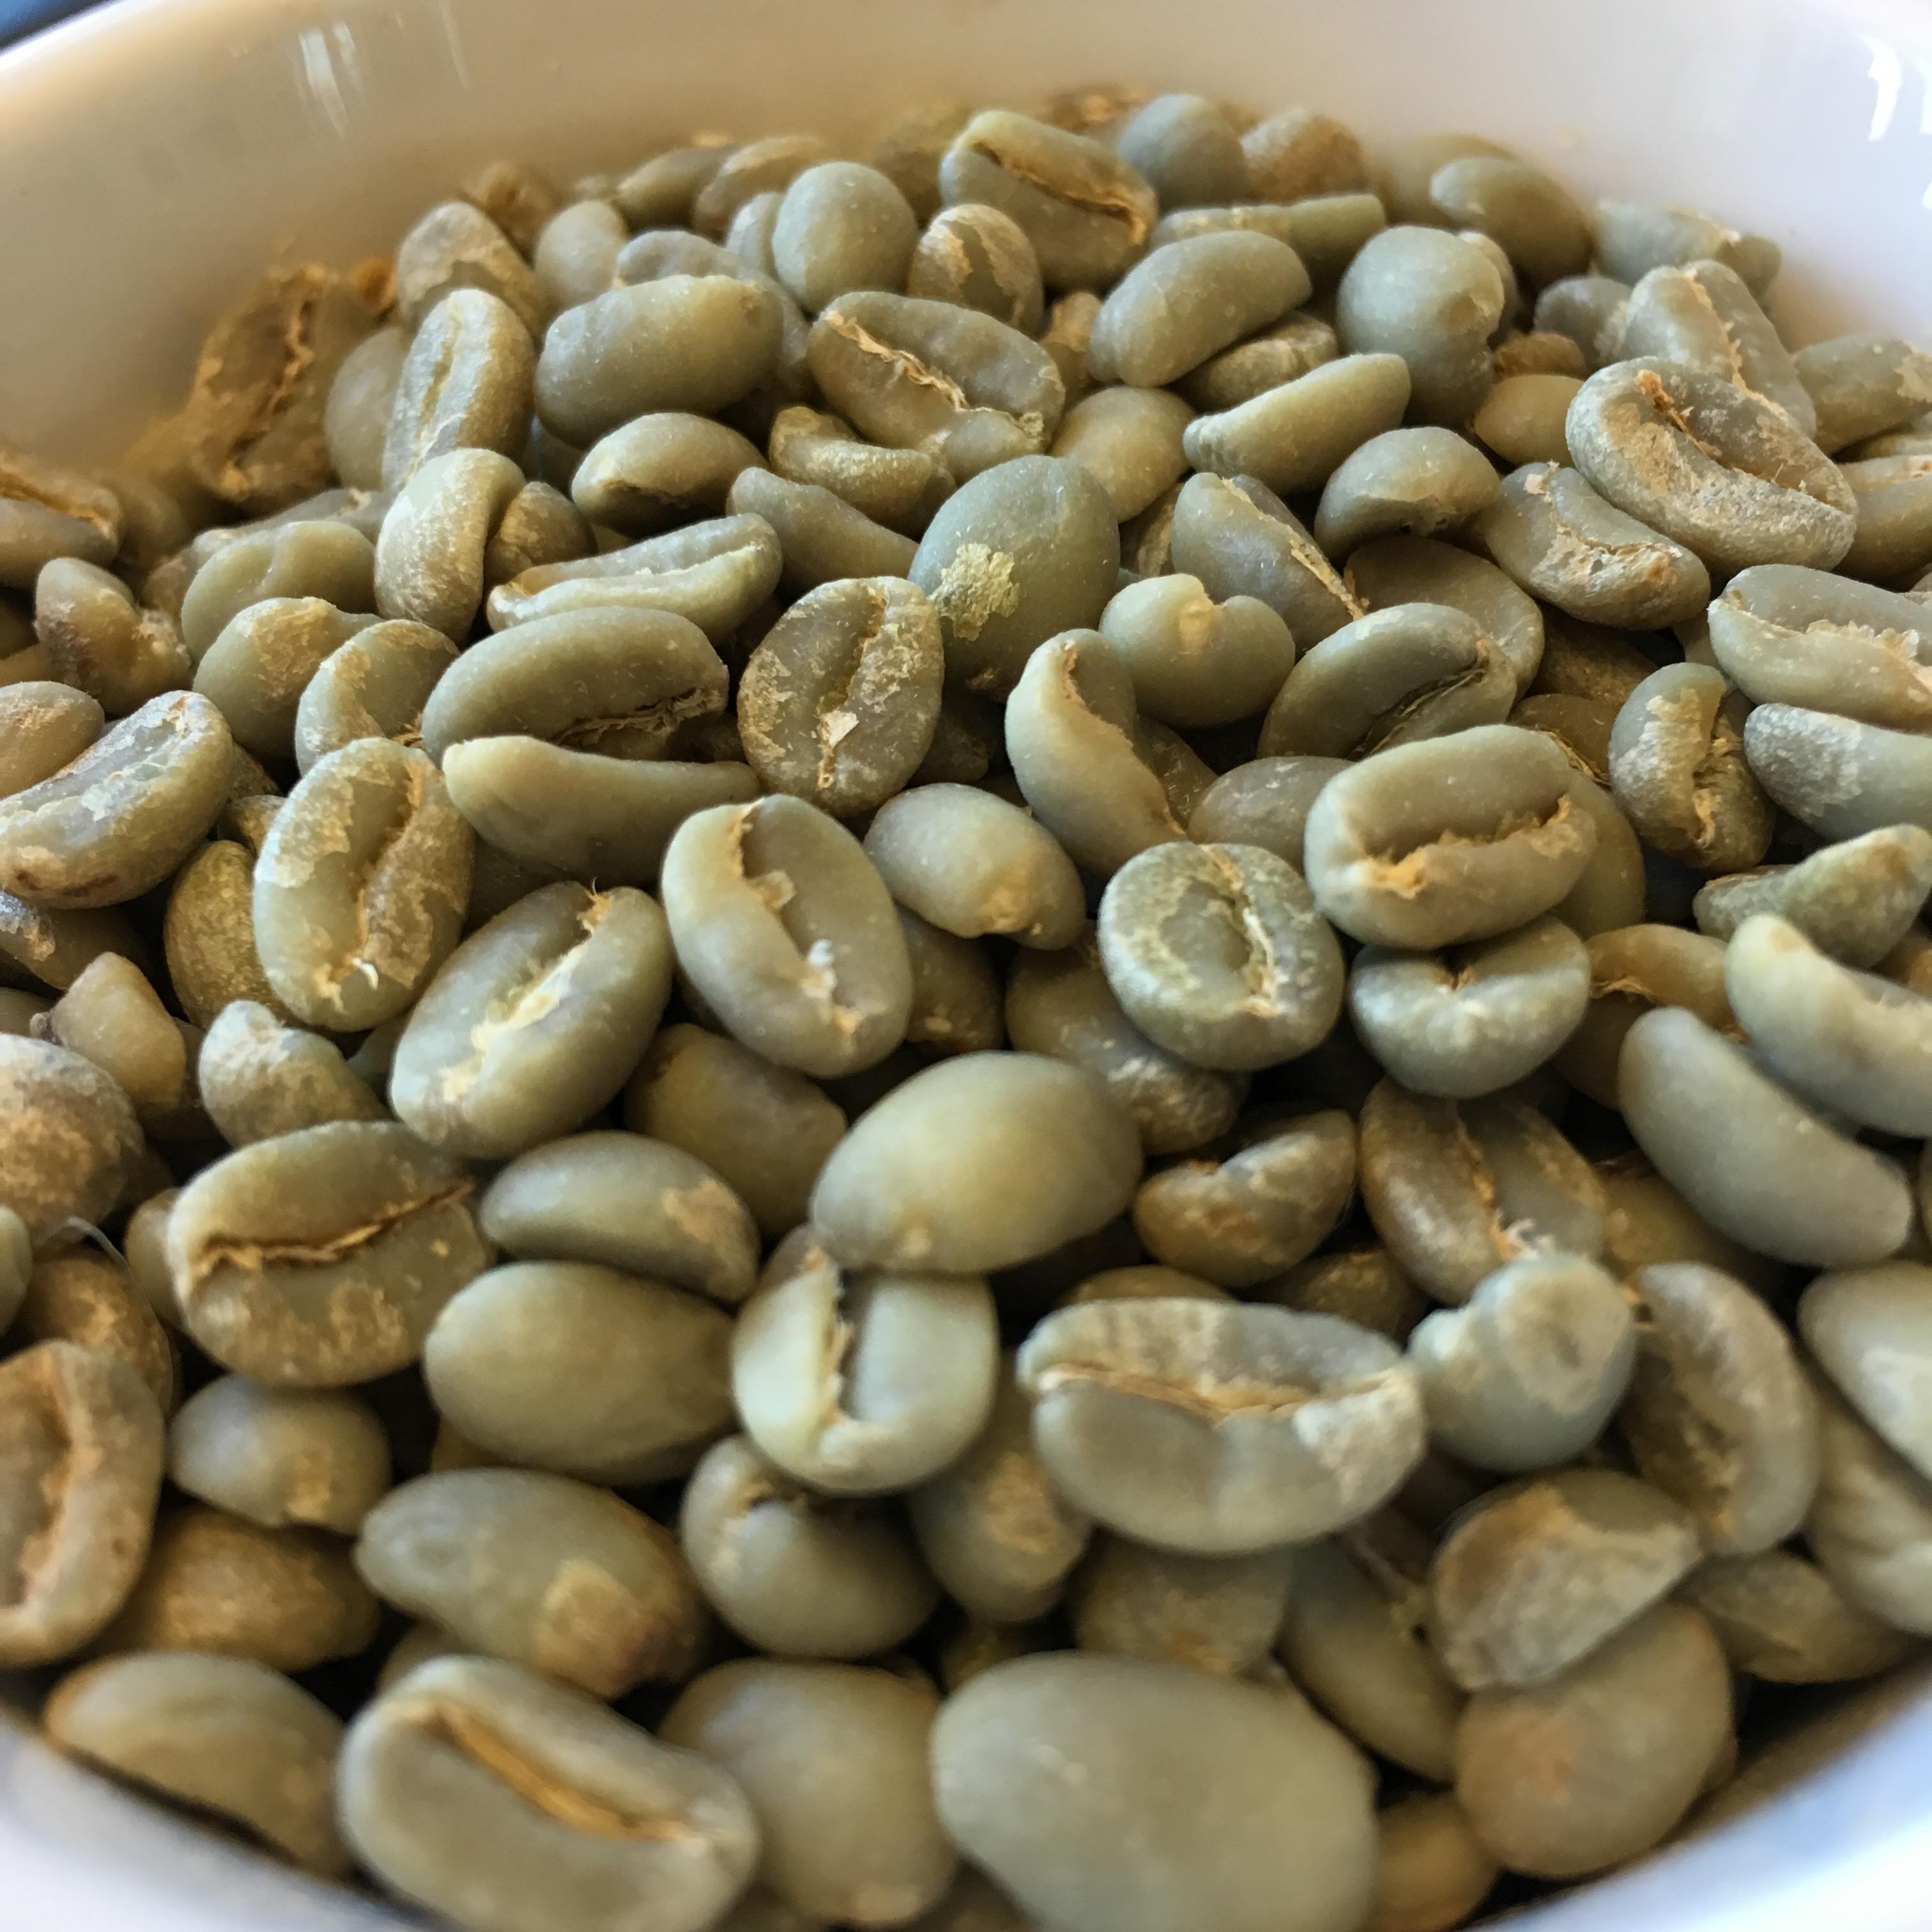 【コーヒー生豆・500g】エチオピア イルガチェフ コンガ ヲッシュド【ETHIOPIA COFFEE Yirgachef】